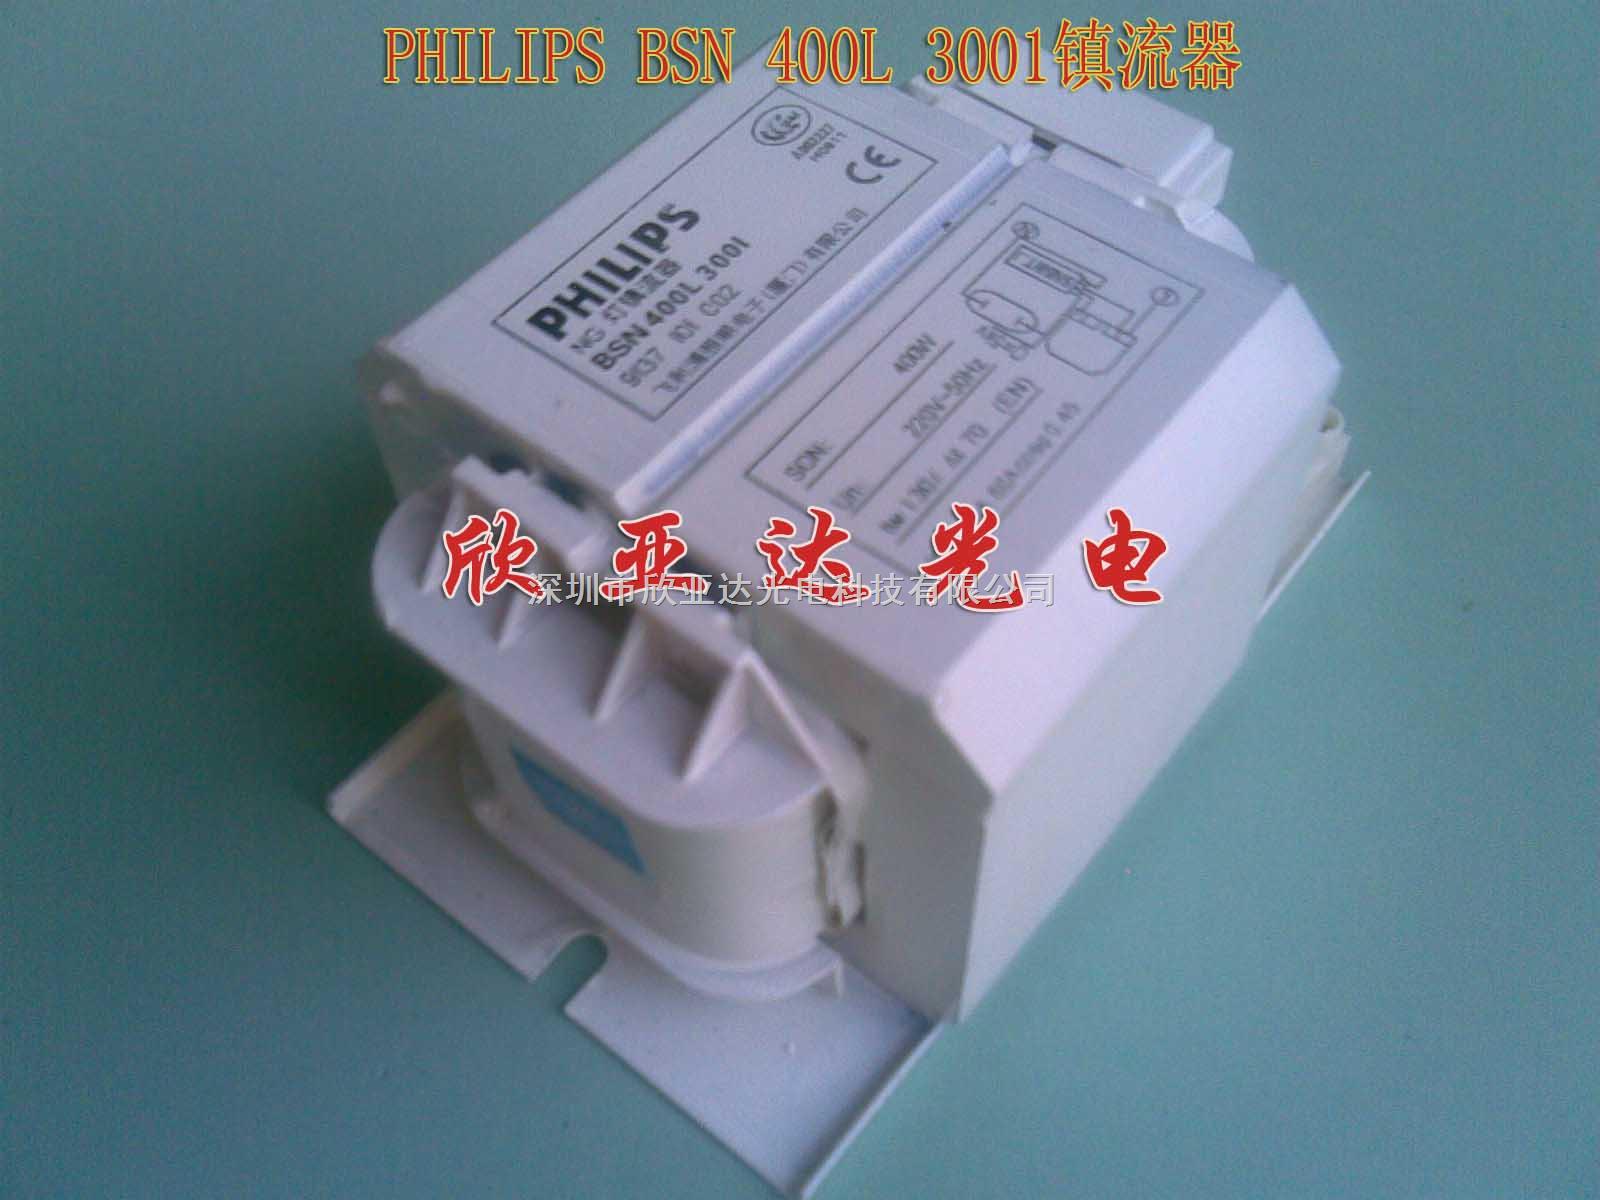 飞利浦BSN400L300I 镇流器 主要用途:用于高压汞灯,高压钠灯,金属卤化物灯及晒版灯等配套镇流. 主要型号有: BTA 36W;BTA 58W;EM-B 30W;BSN 150L 300I;BSN 250L 300I;BSN 400L 300I;BHL 250L 200;BHL 400L 200…… 同时还有相关配套的PHILIPS电子触发器(如:SI51;SN58;SN58T5;SN58T15;SN90等),补偿电容(如:18UF/250V;25UF/250V;32U